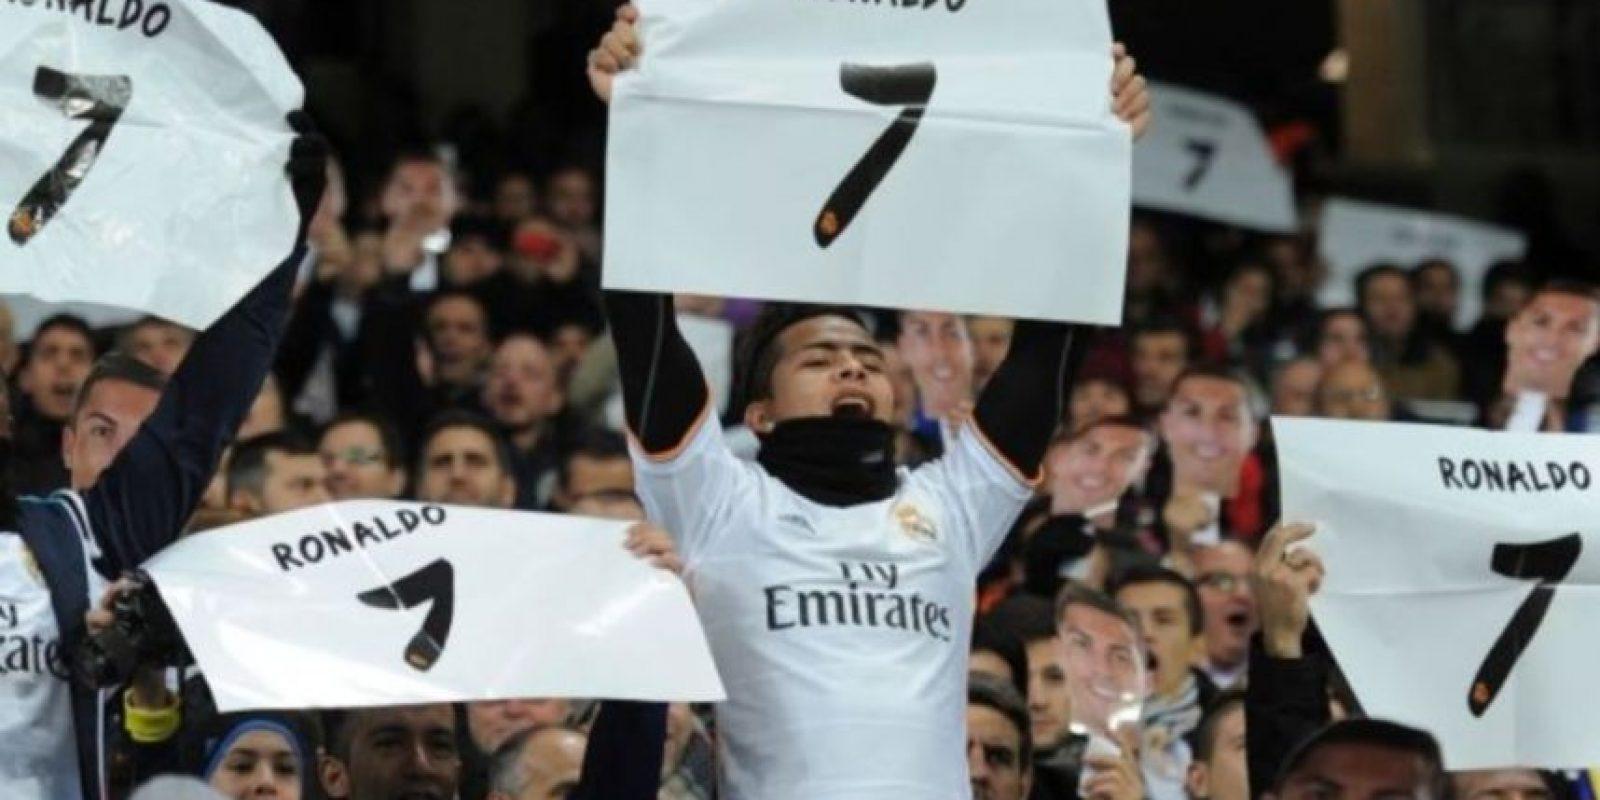 En 2013, el portugués tuvo un significativo gesto con una aficionado, a quien le regaló su camiseta tras un partido. La chica no pudo más que llorar de la emoción. Foto:Getty Images